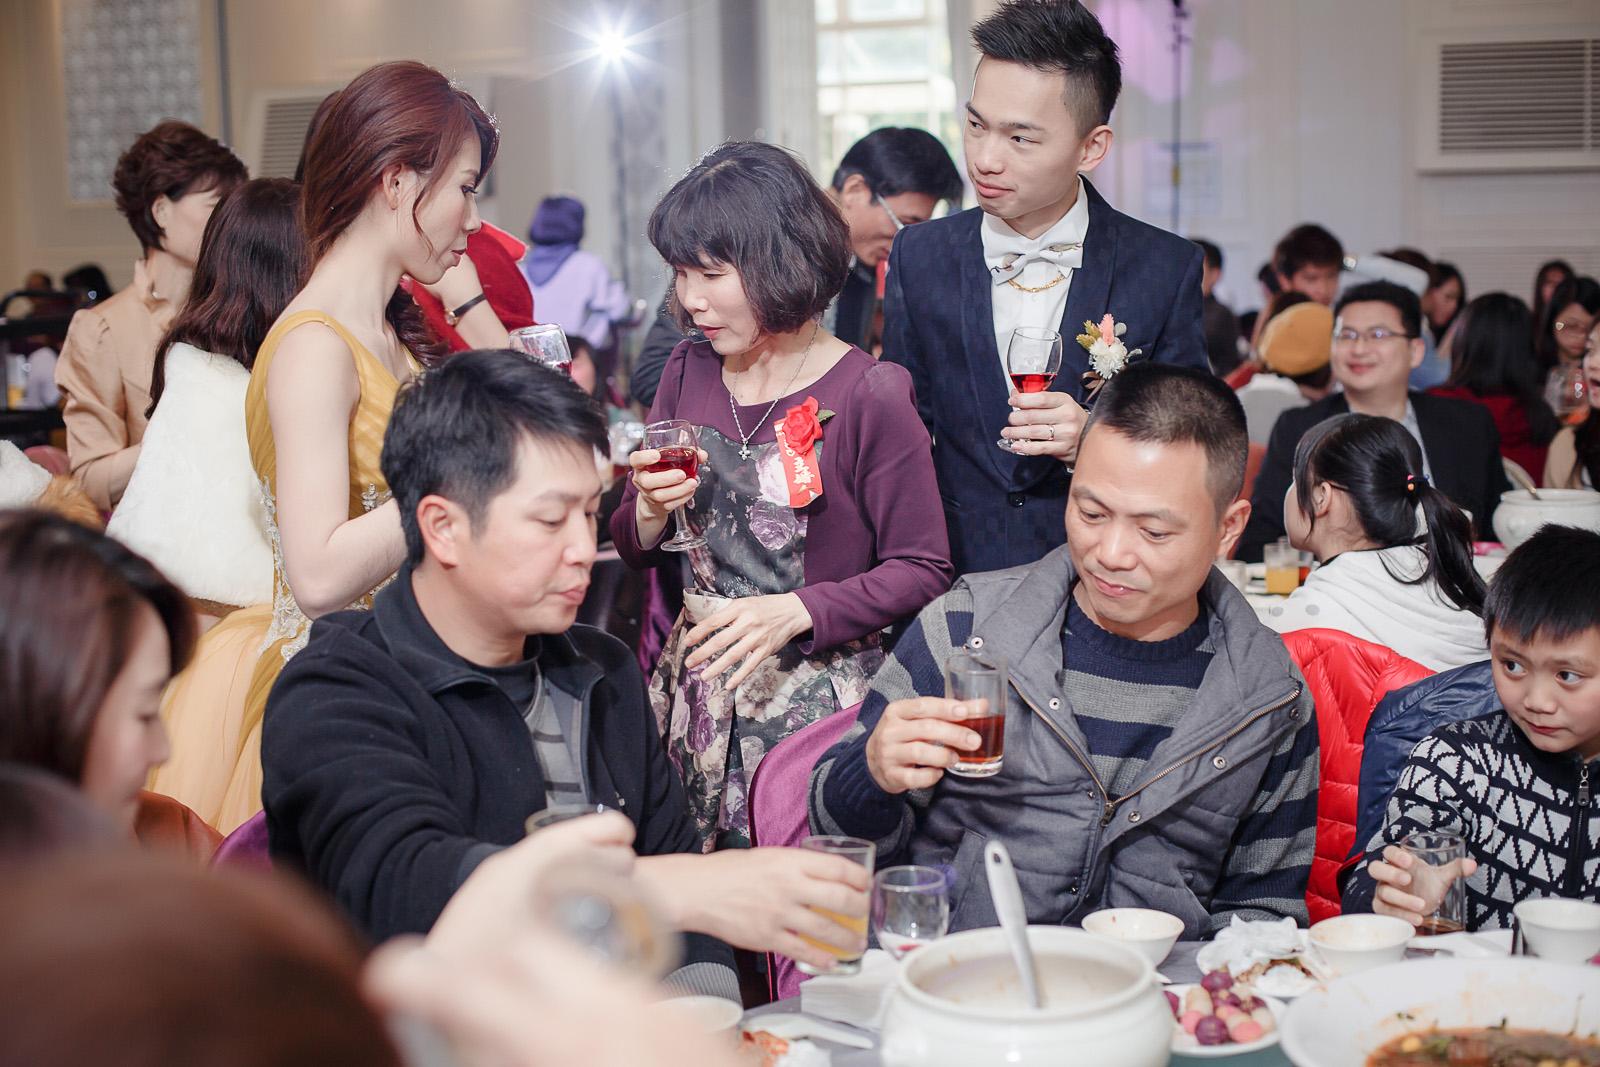 高雄圓山飯店,婚禮攝影,婚攝,高雄婚攝,優質婚攝推薦,Jen&Ethan-314